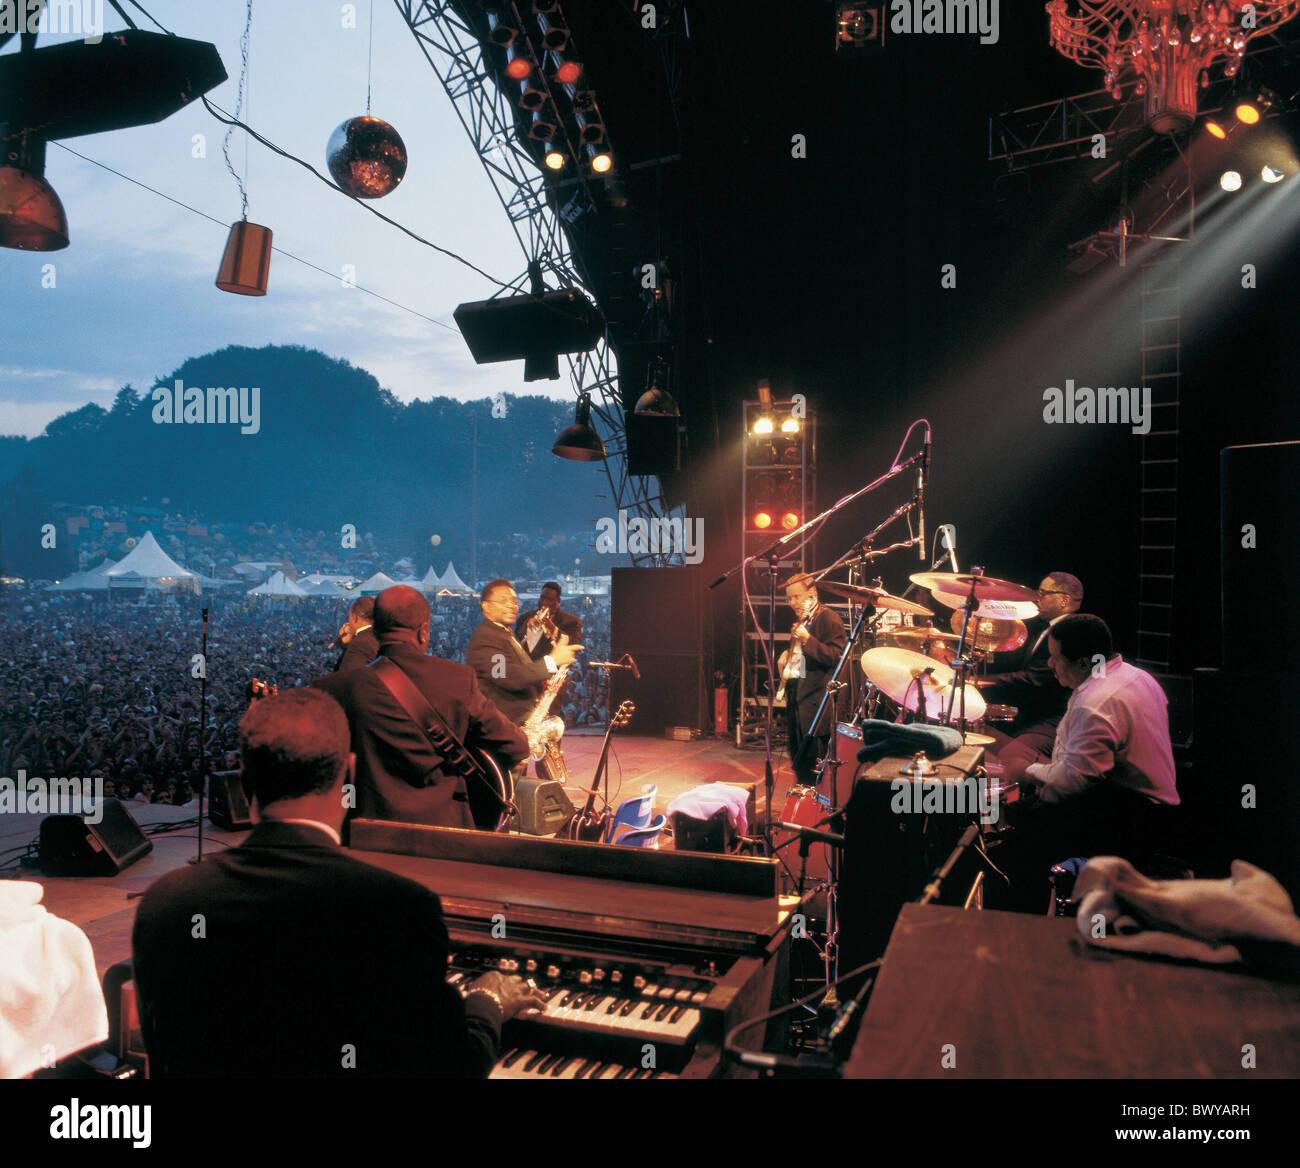 Anordnung Festival Musik Konzert keine Modellfreigabe öffnen Luft St. Gallen Zuschauer Freilichtbühne Stockbild